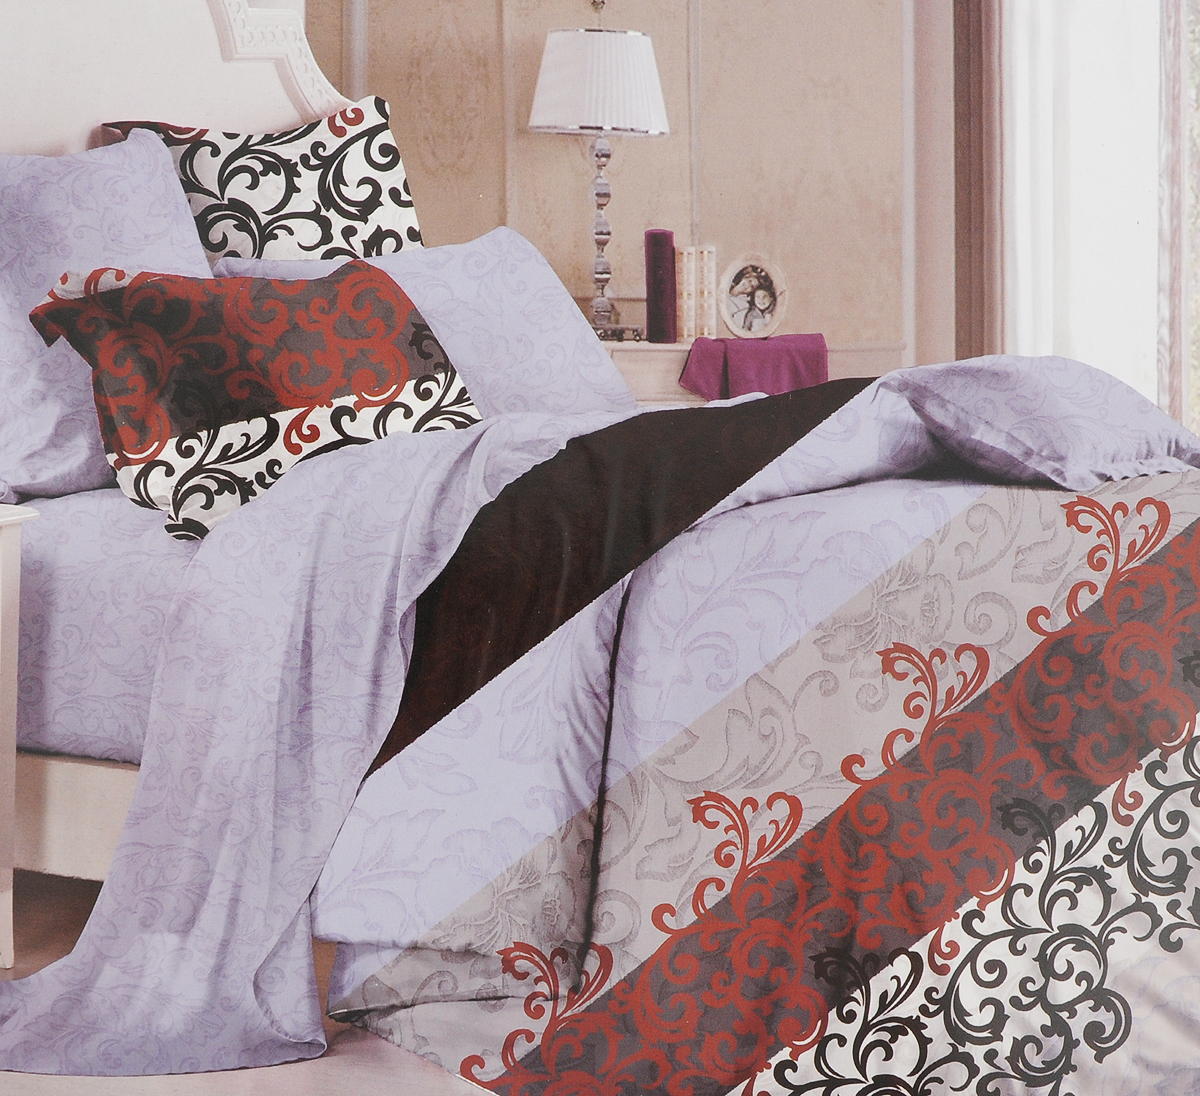 Комплект белья Primavera Classic. Паттерн, 2-спальный, наволочки 70x70, цвет: сиреневый93192Комплект постельного белья Primavera является экологически безопасным для всей семьи, так как выполнен из высококачественного сатина (100% хлопка). Комплект состоит из пододеяльника на молнии, простыни и двух наволочек. Постельное белье оформлено ярким узором и имеет изысканный внешний вид. Сатин - производится из высших сортов хлопка, а своим блеском и легкостью напоминает шелк. Постельное белье из сатина превращает жаркие летние ночи в прохладные и освежающие, а холодные зимние - в теплые и согревающие. Приобретая комплект постельного белья Primavera, вы можете быть уверенны в том, что покупка доставит вам и вашим близким удовольствие и подарит максимальный комфорт.Советы по выбору постельного белья от блогера Ирины Соковых. Статья OZON Гид